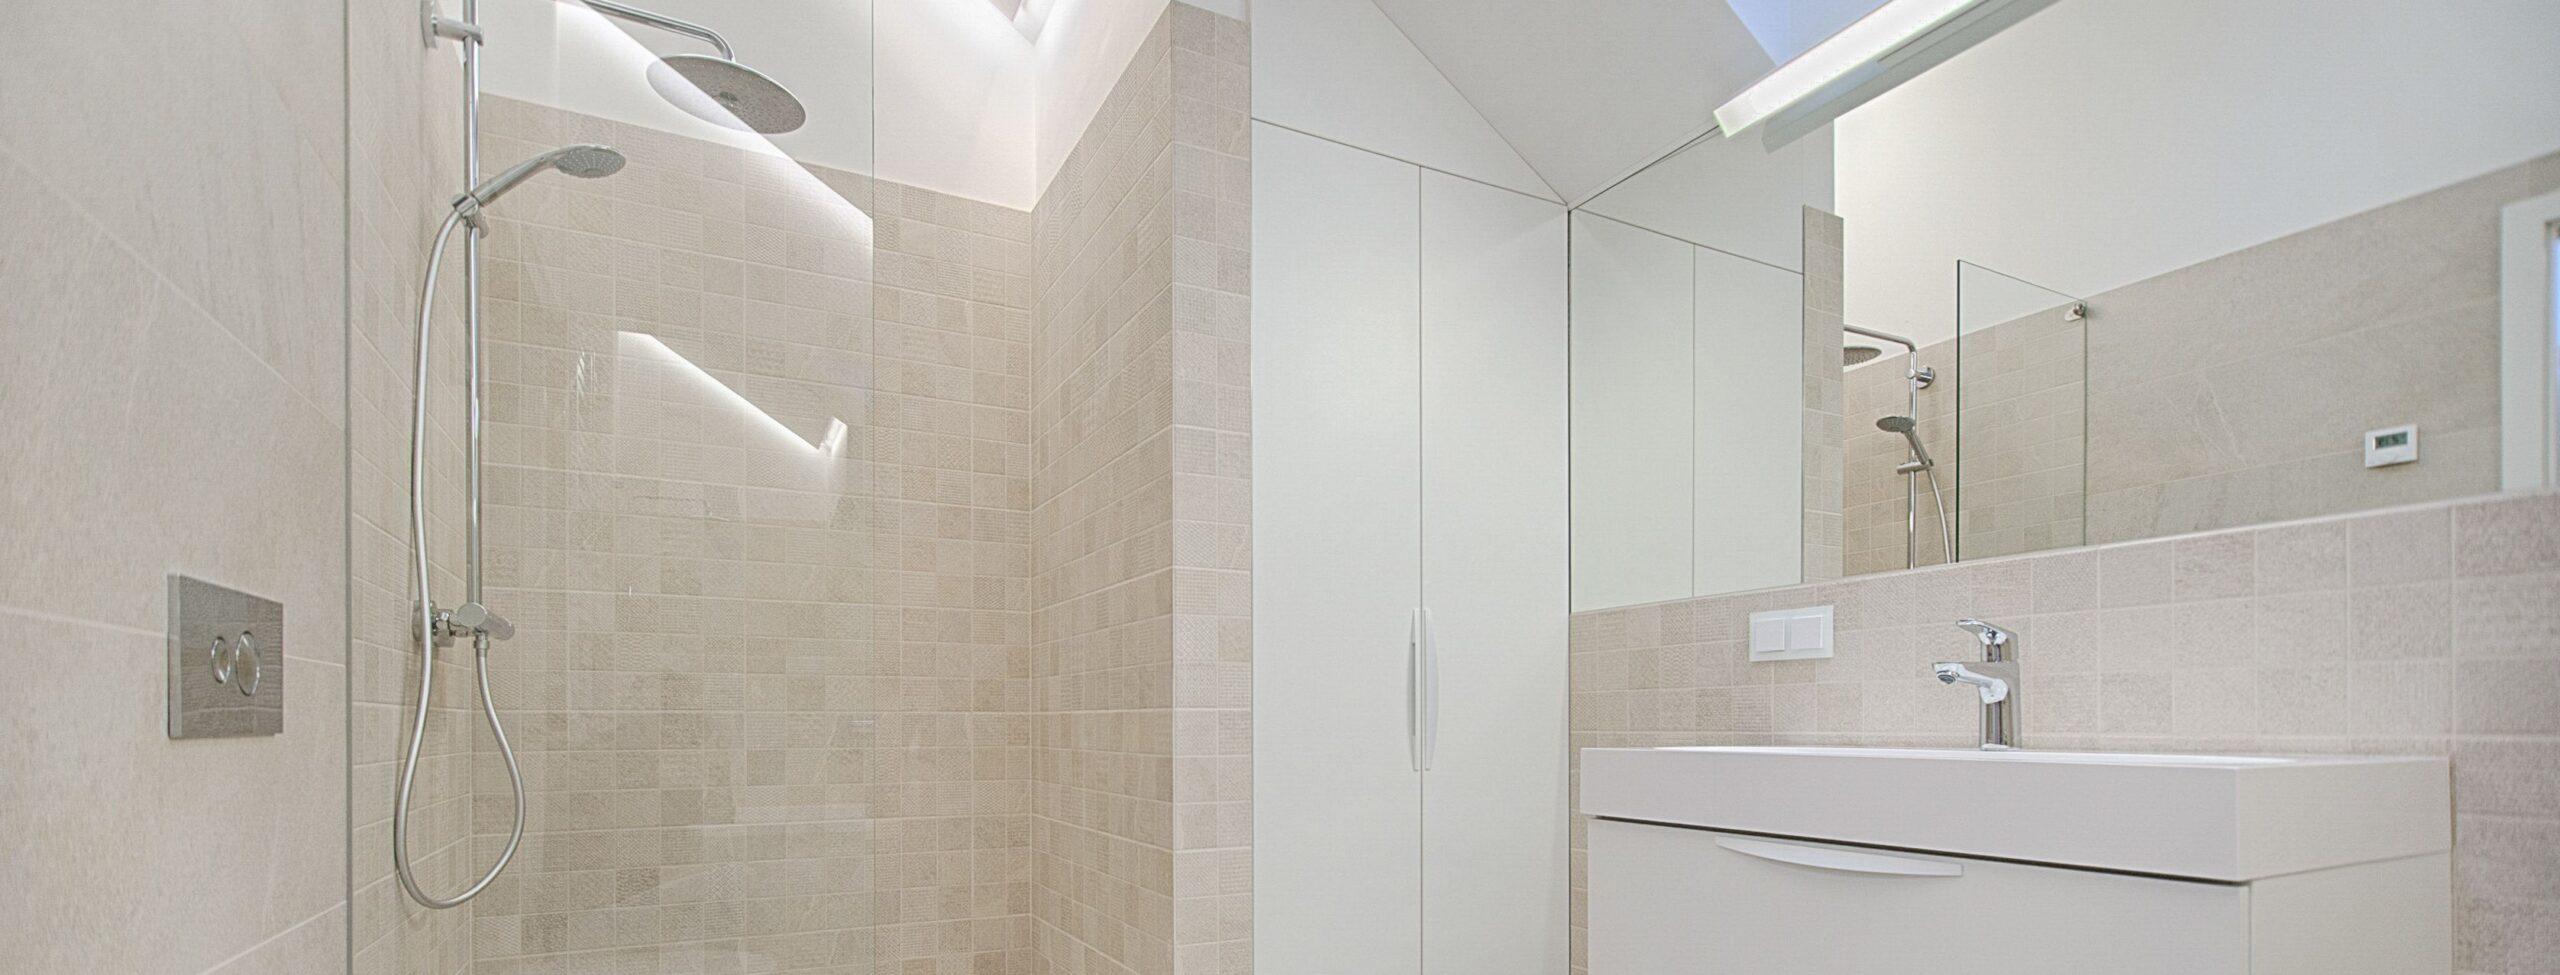 Full Size of Bodengleiche Dusche Nachträglich Einbauen Kosten Preise Fenster Rolladen Begehbare Kaufen Nischentür Schiebetür Haltegriff Unterputz Armatur Hüppe Dusche Bodengleiche Dusche Nachträglich Einbauen